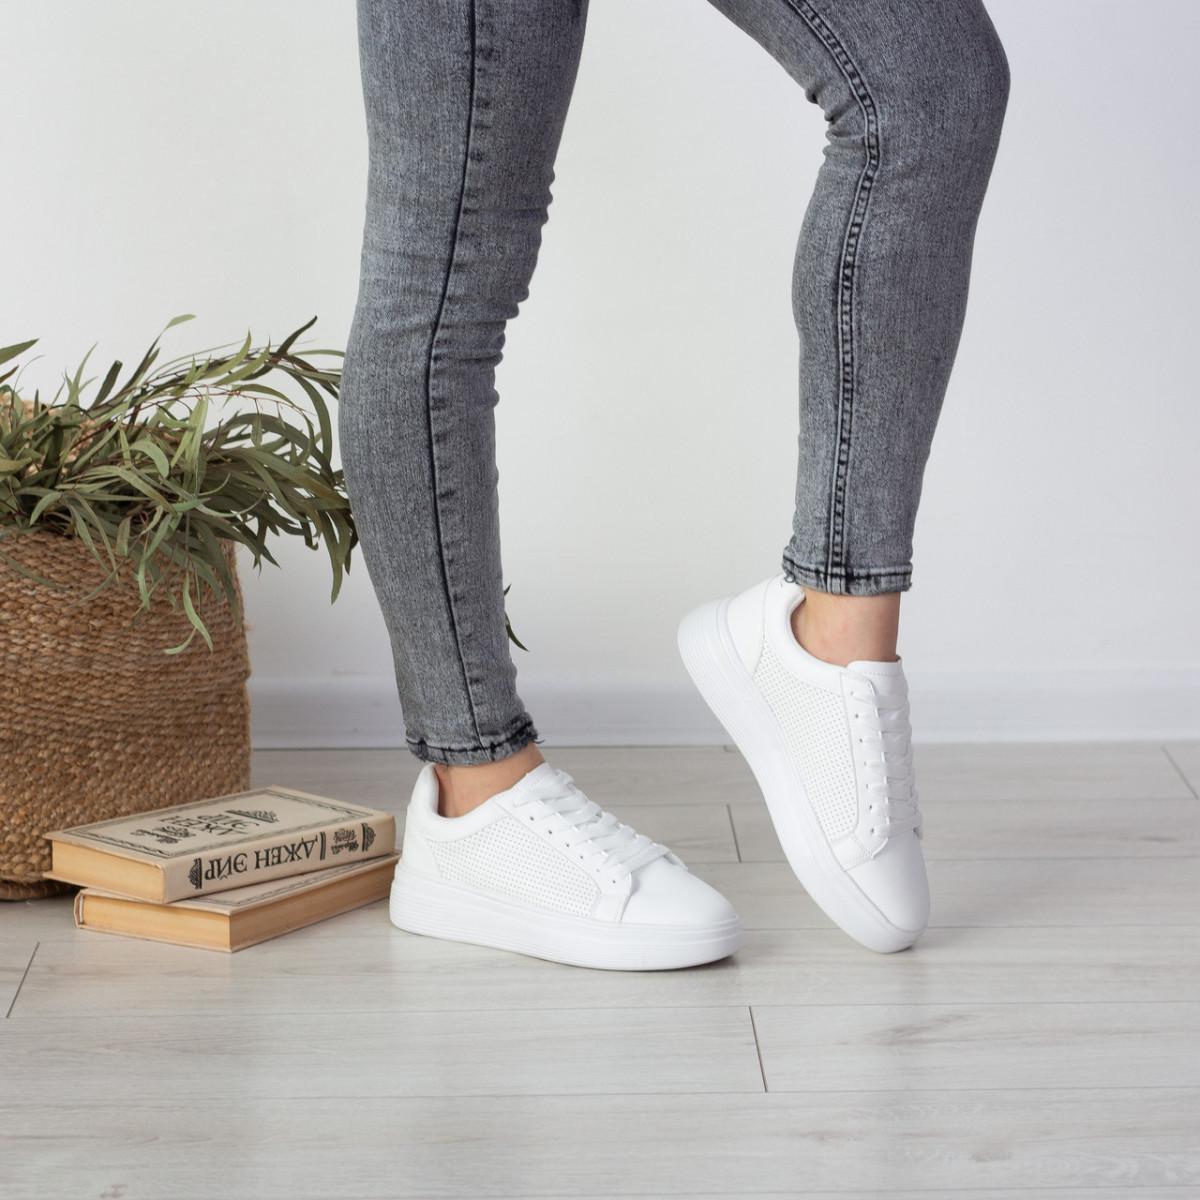 Кросівки жіночі Fashion Algonquin 2519 36 розмір 23 см Білий 39